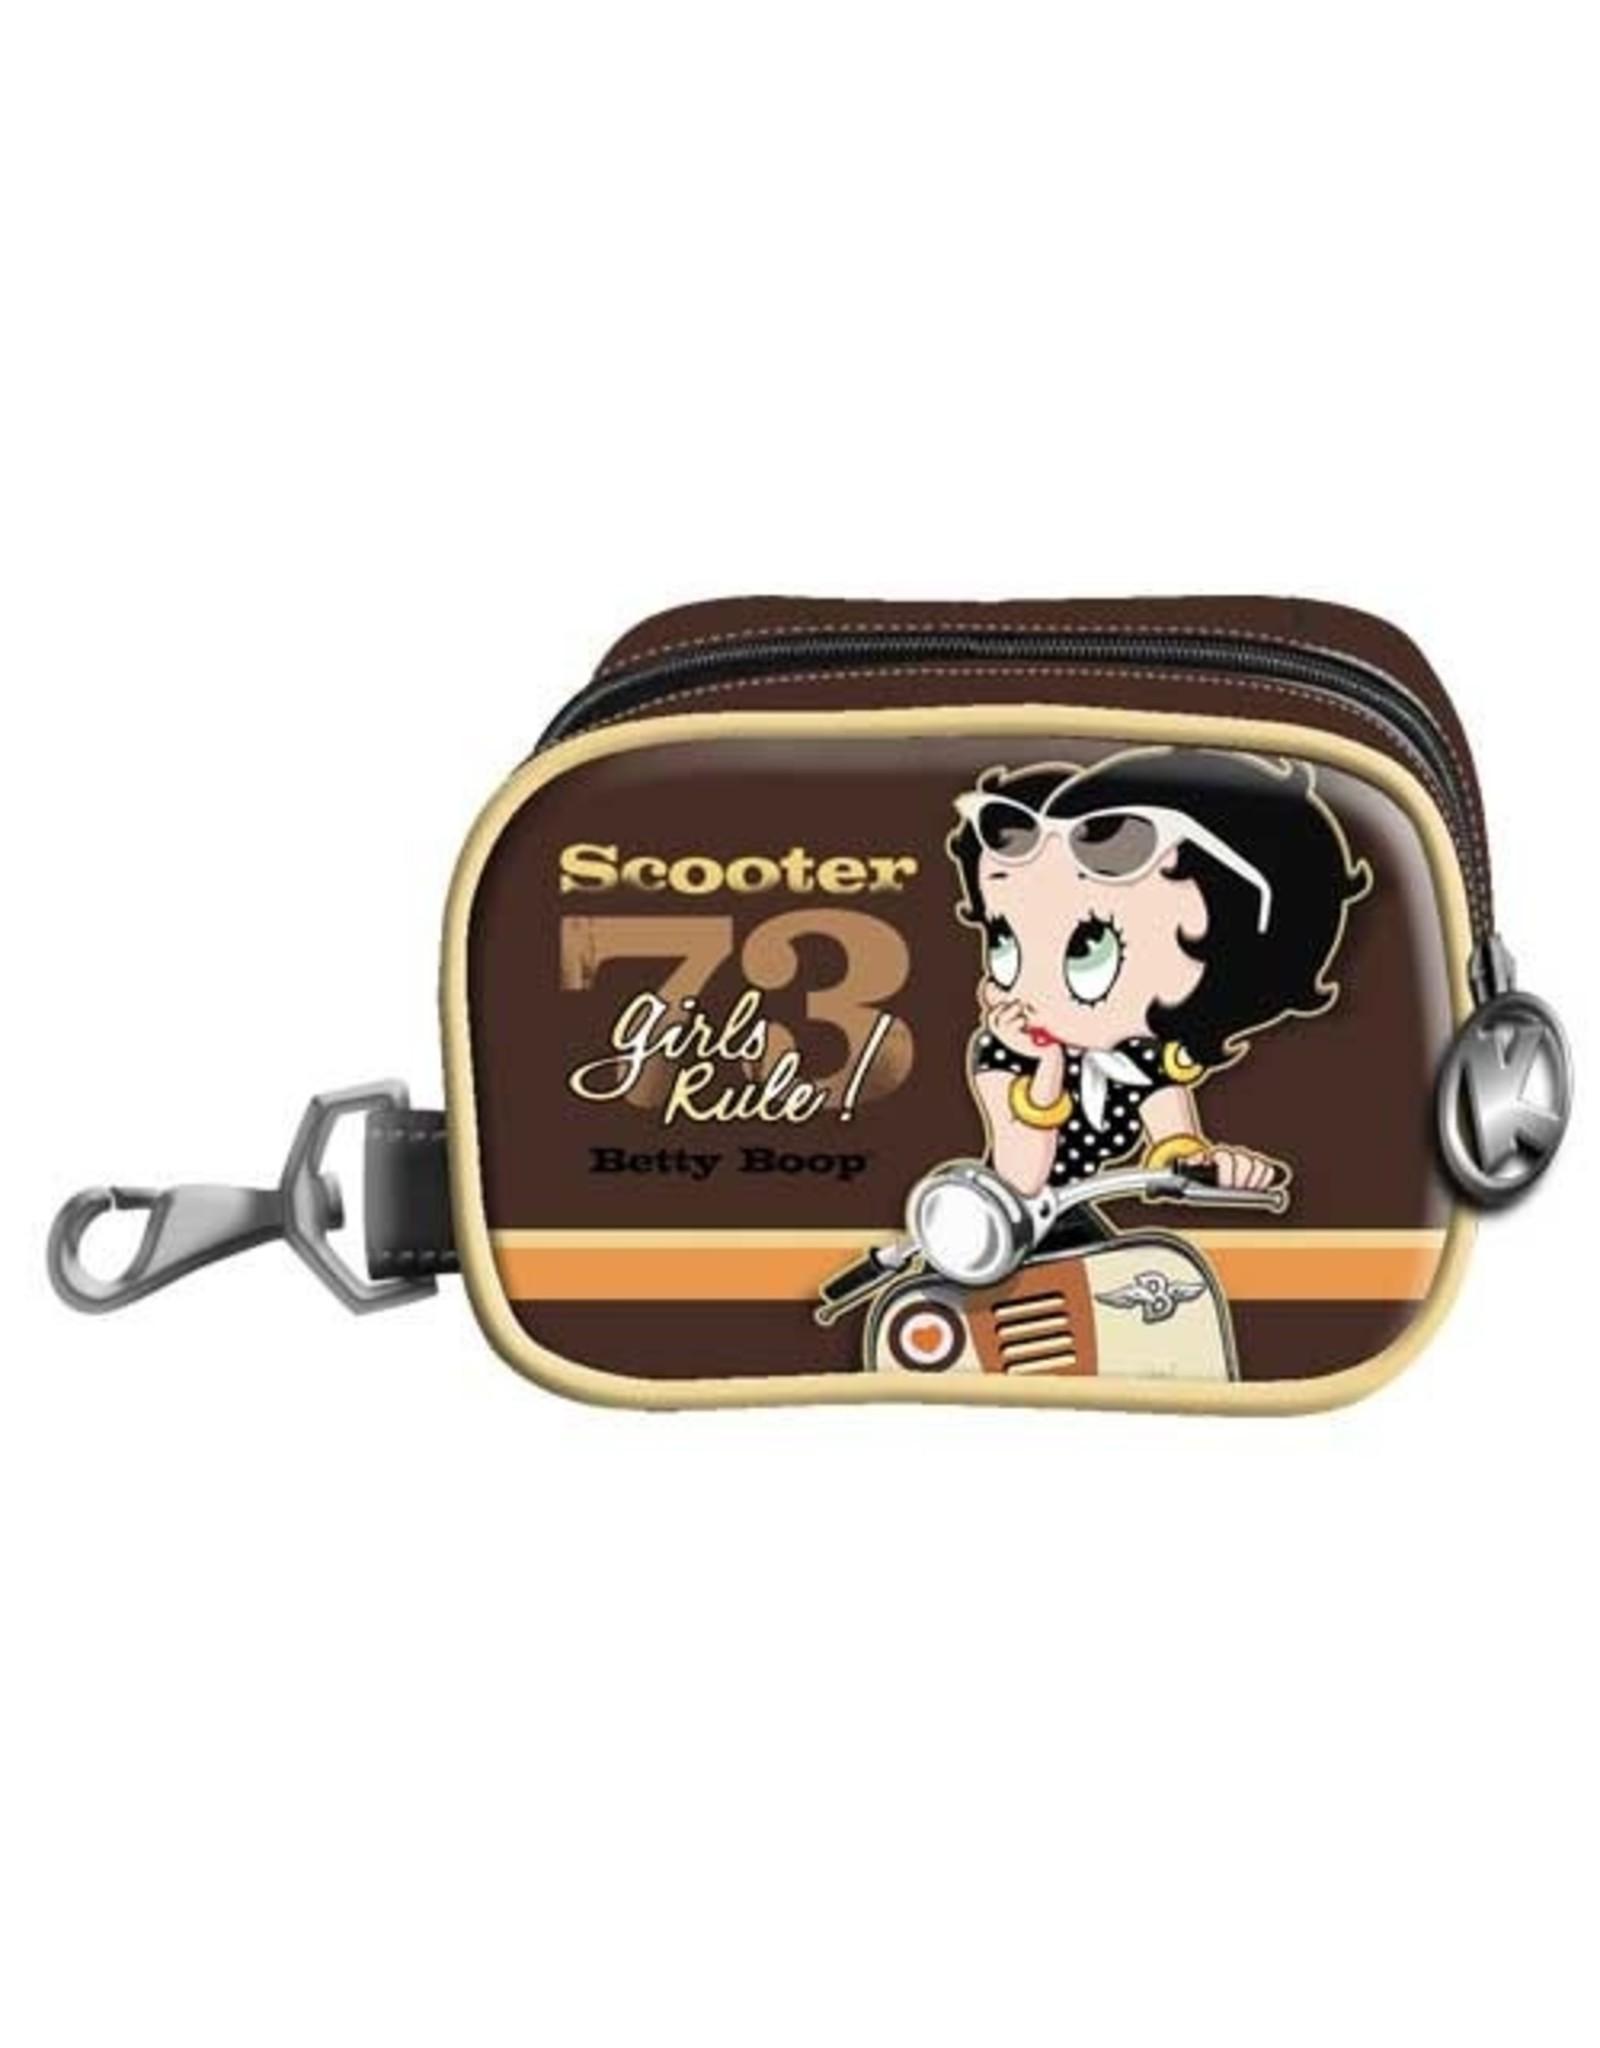 Betty Boop Betty Boop tassen - Betty Boop Mini Box-tasje Scooter